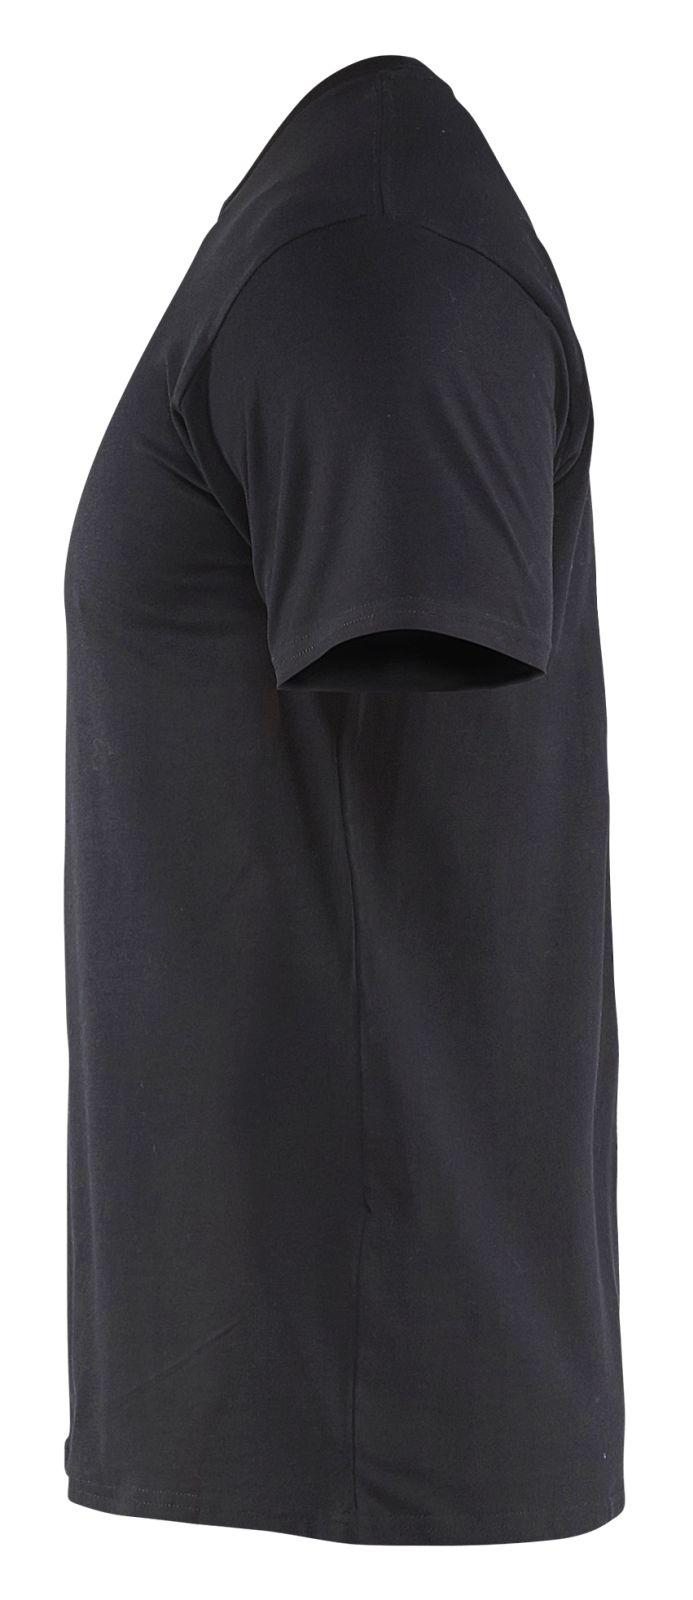 Blaklader T-shirts 35331029 zwart(9900)